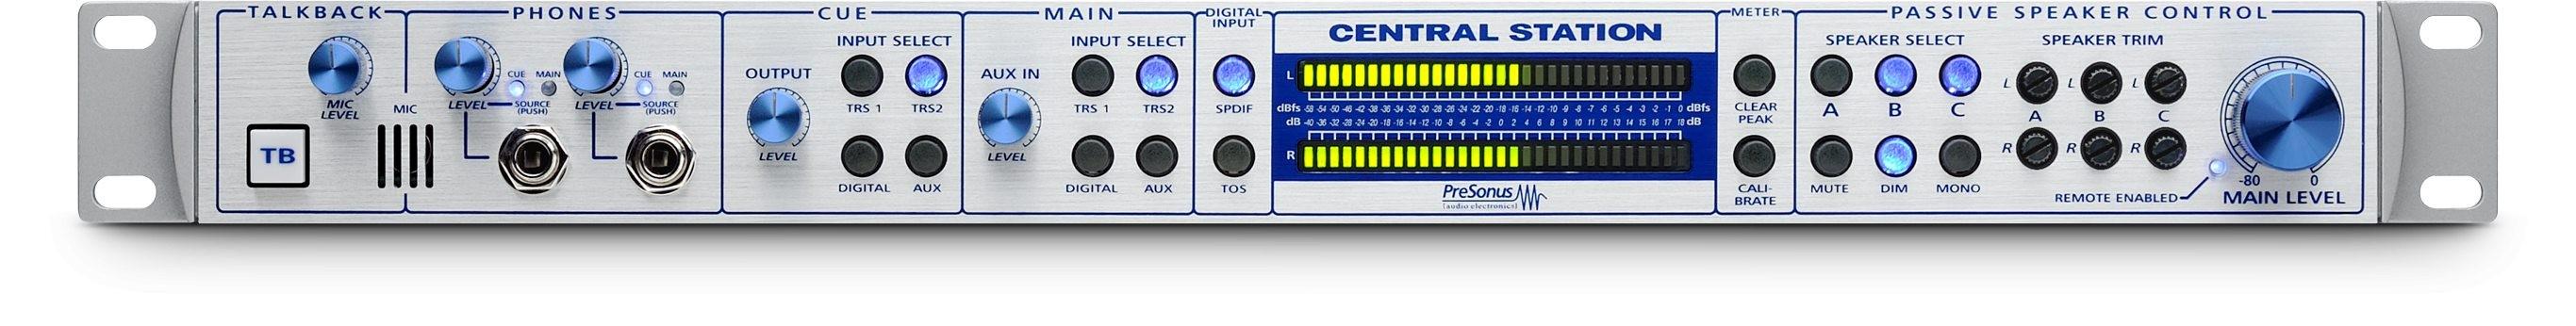 机架式多组监听控制中心,带遥控功能